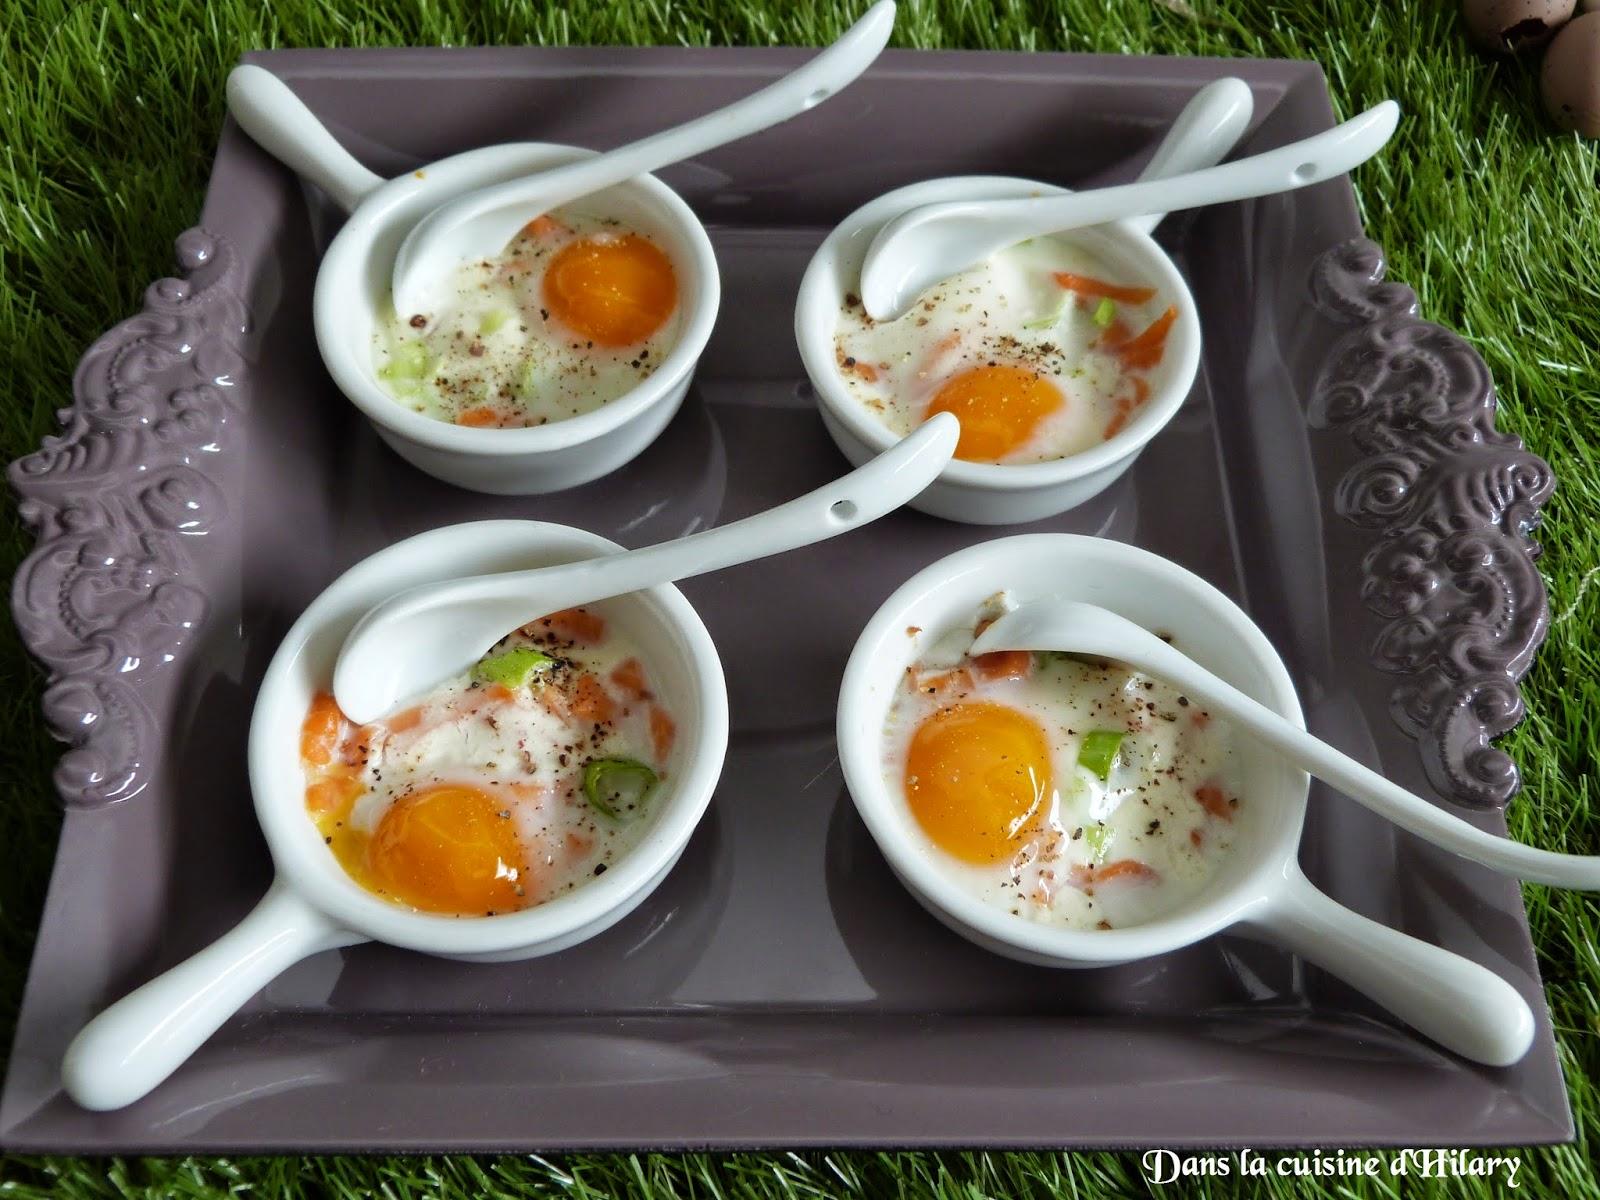 dans la cuisine d 39 hilary oeufs de caille cocotte au saumon fum quail egg casserole with. Black Bedroom Furniture Sets. Home Design Ideas